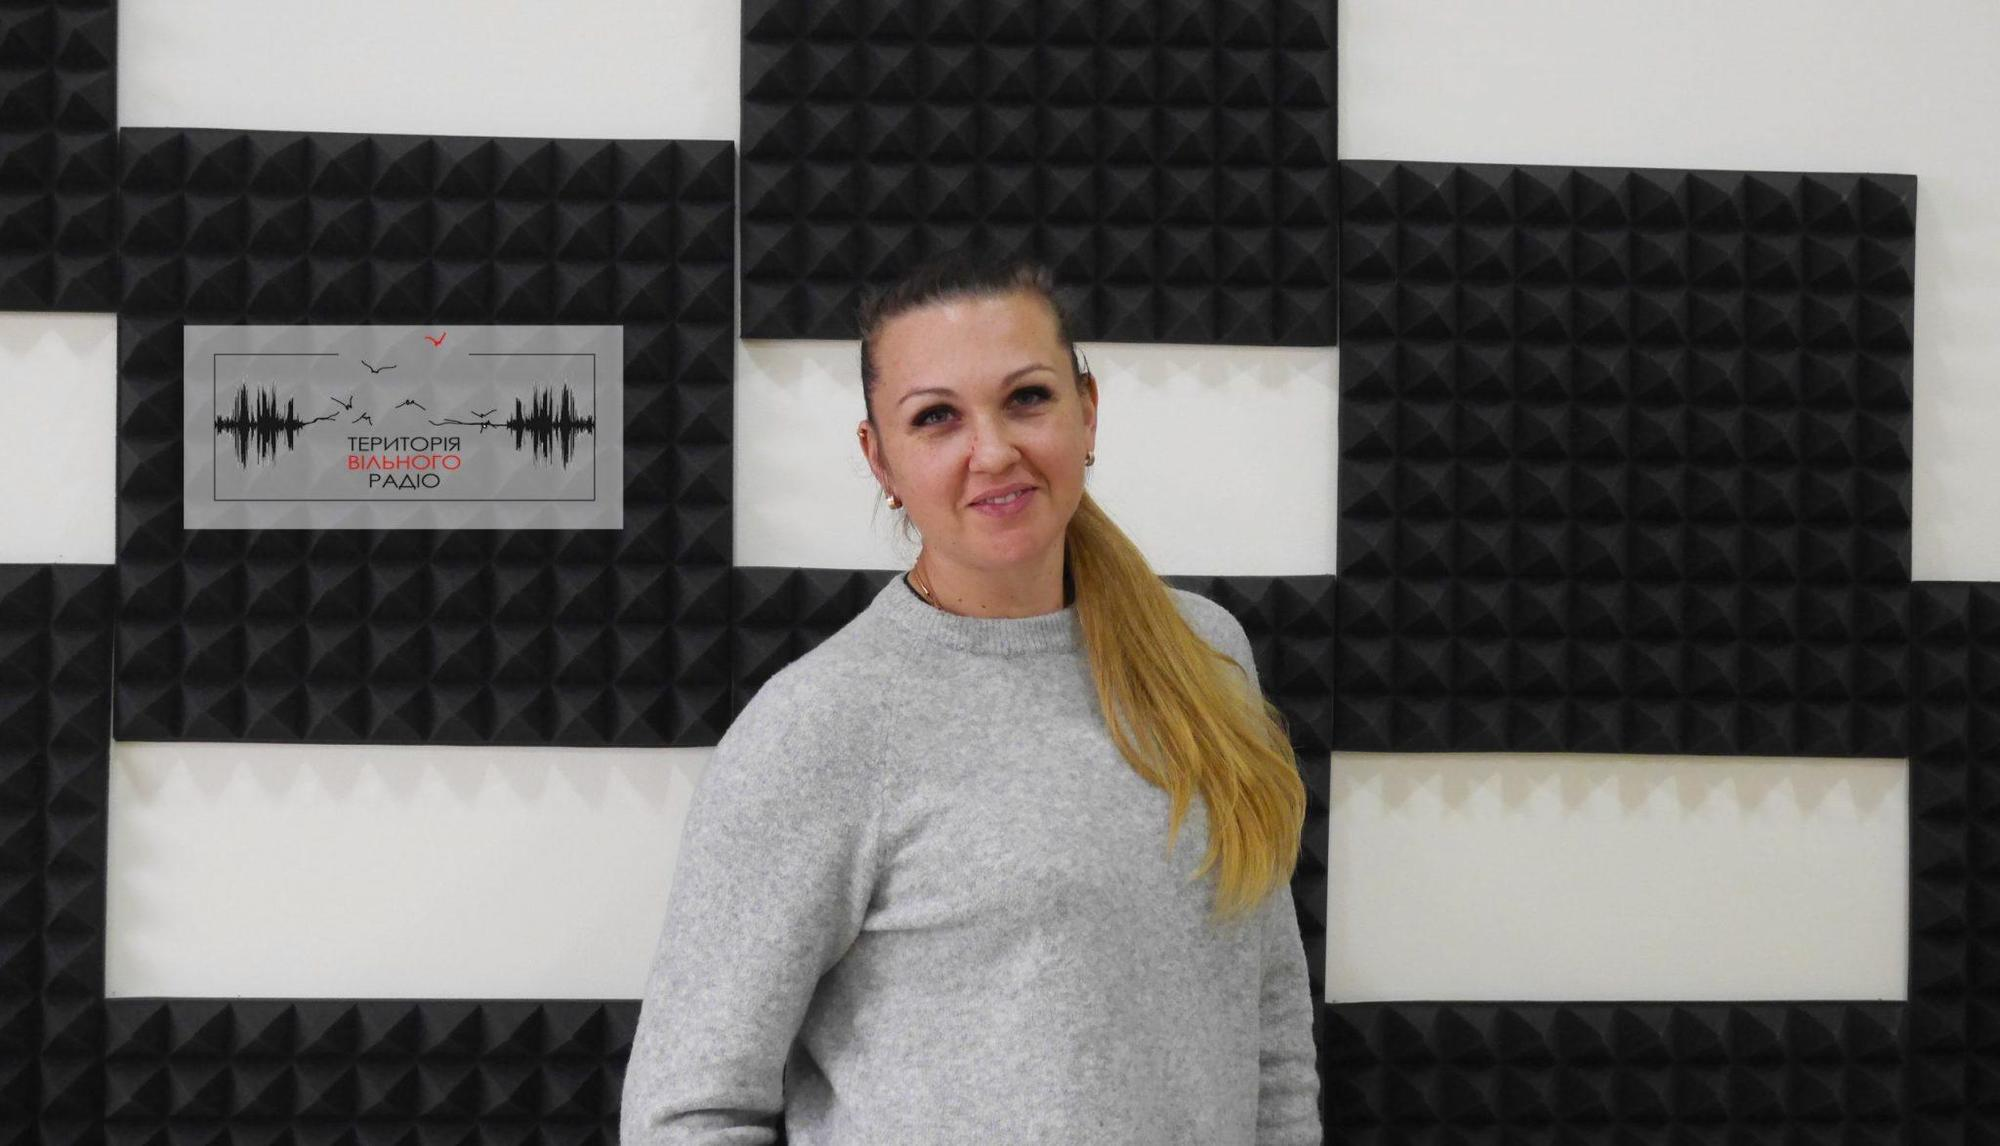 Спортсменка из Бахмута Наталья Семенова представляет Украину на Олимпийских играх